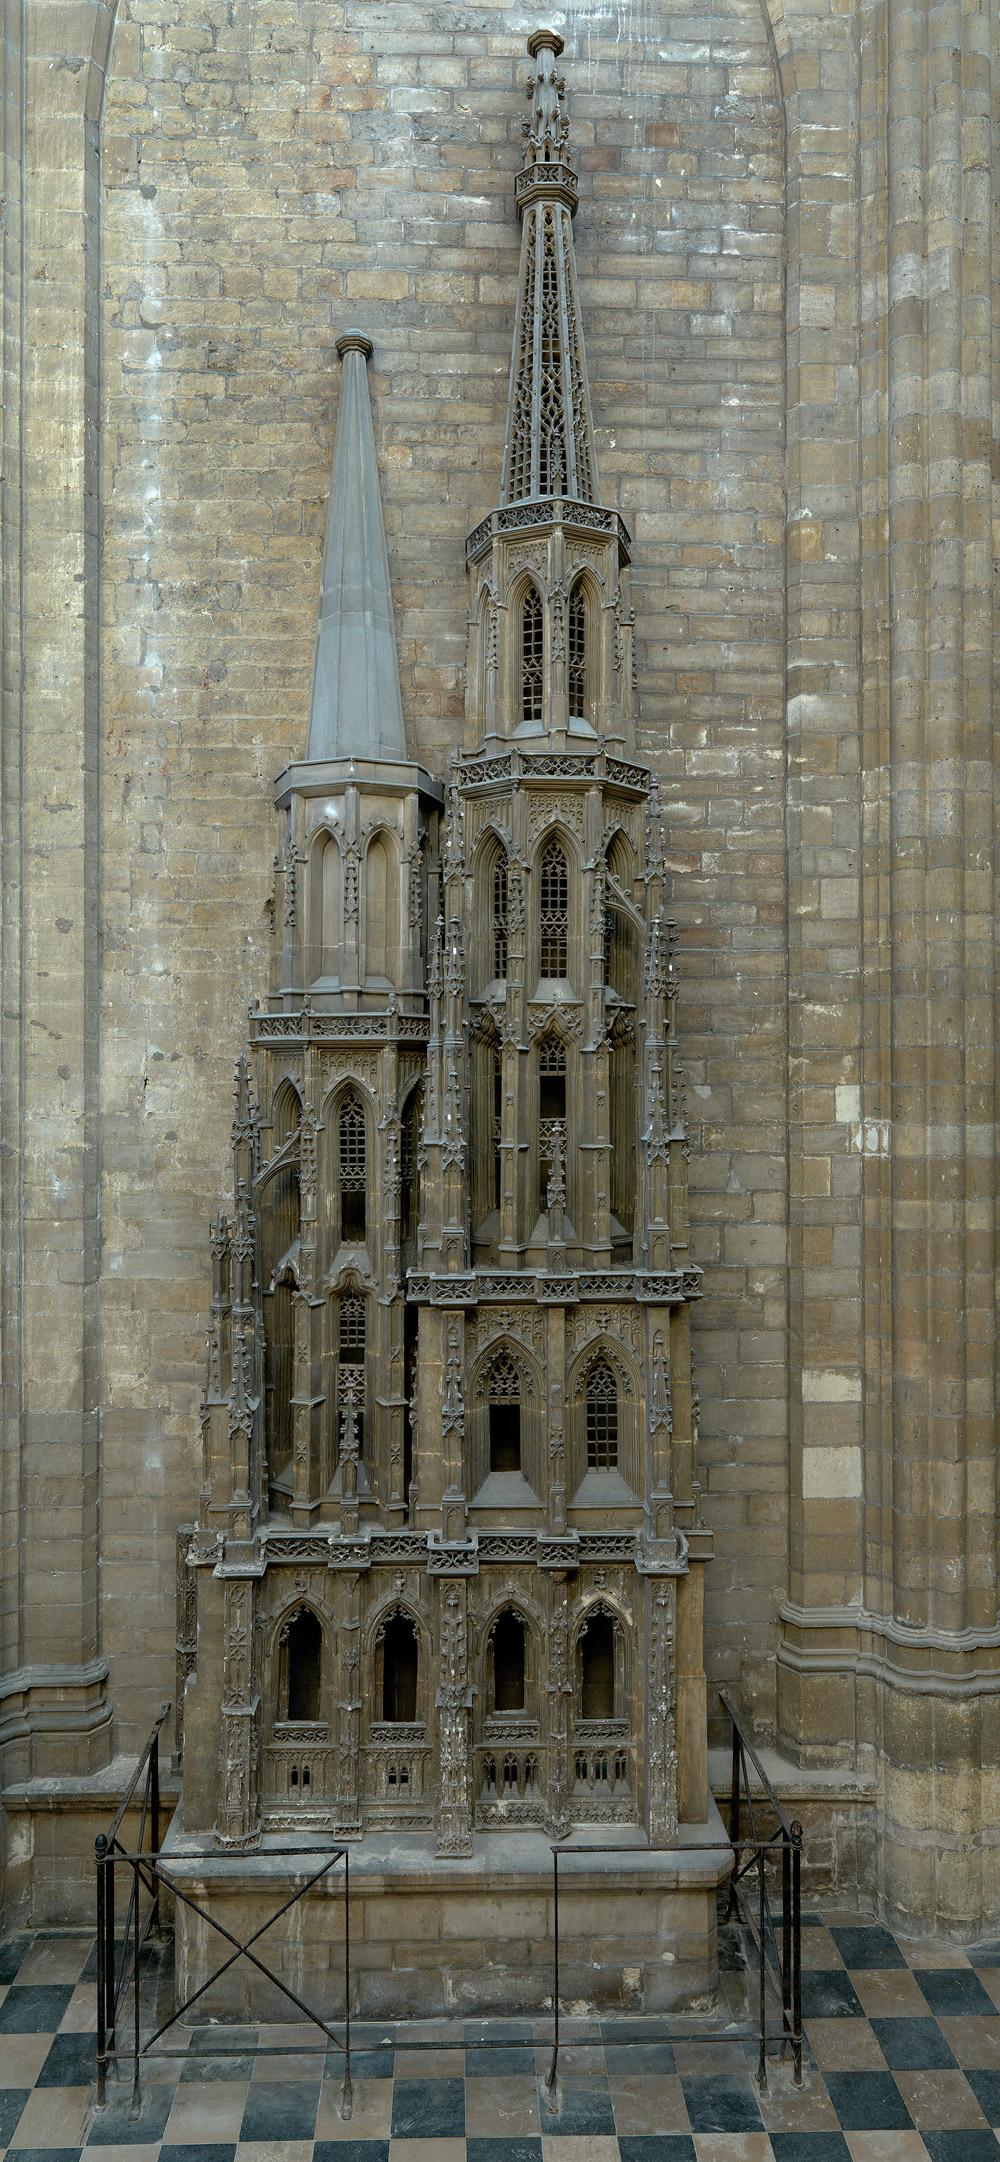 Il modello della torre. Ph. Credit Dominique Provost